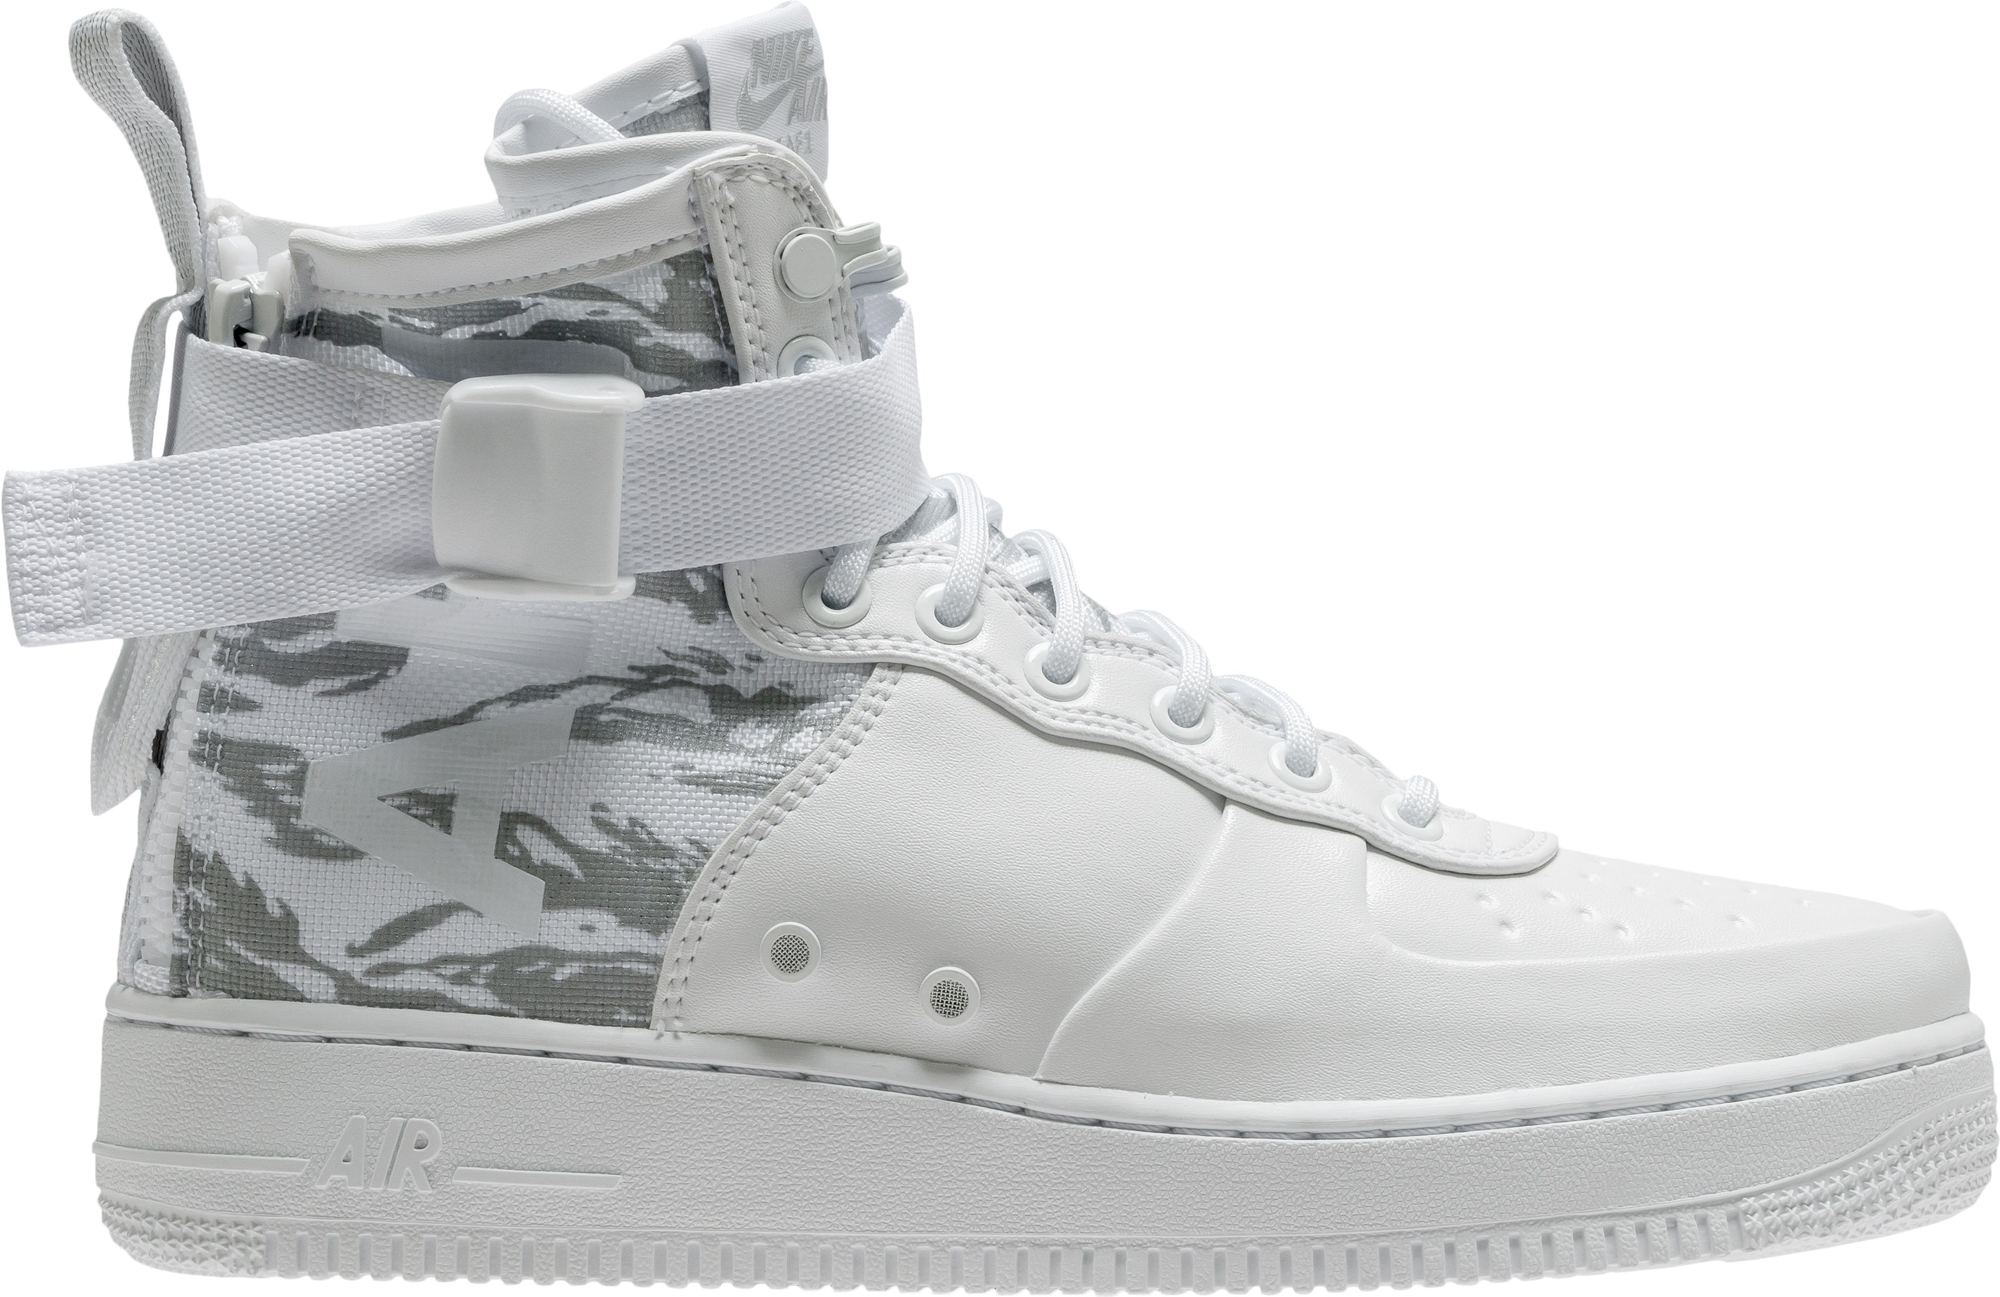 nike sf air force 1 all white